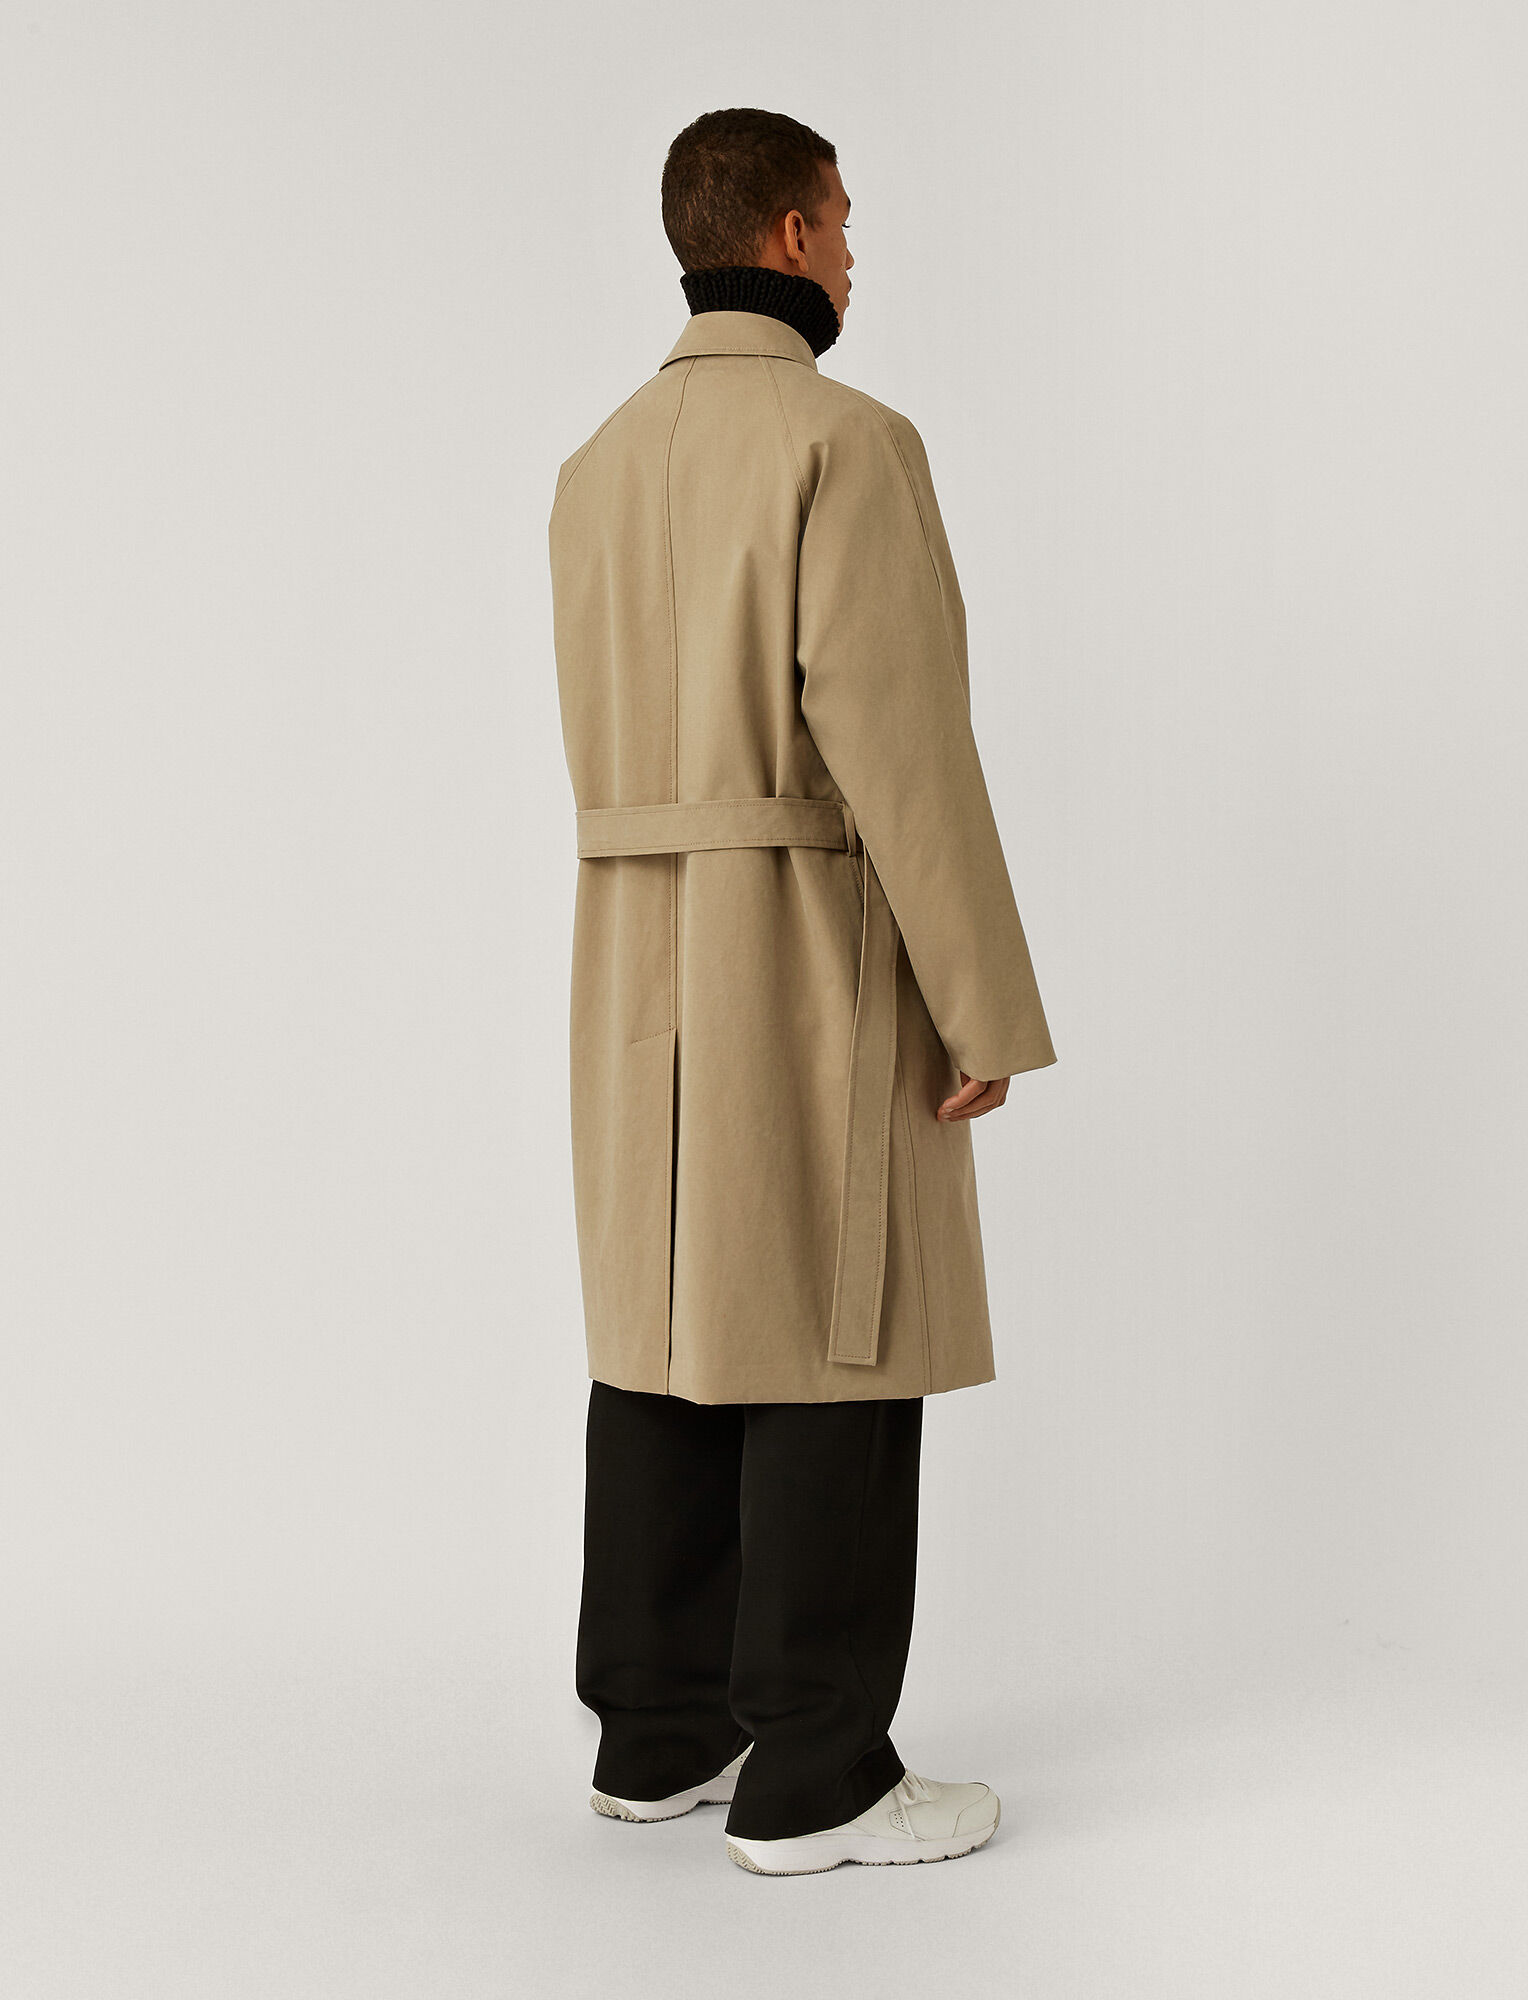 Joseph, Suback Lobos Coat, in BEIGE